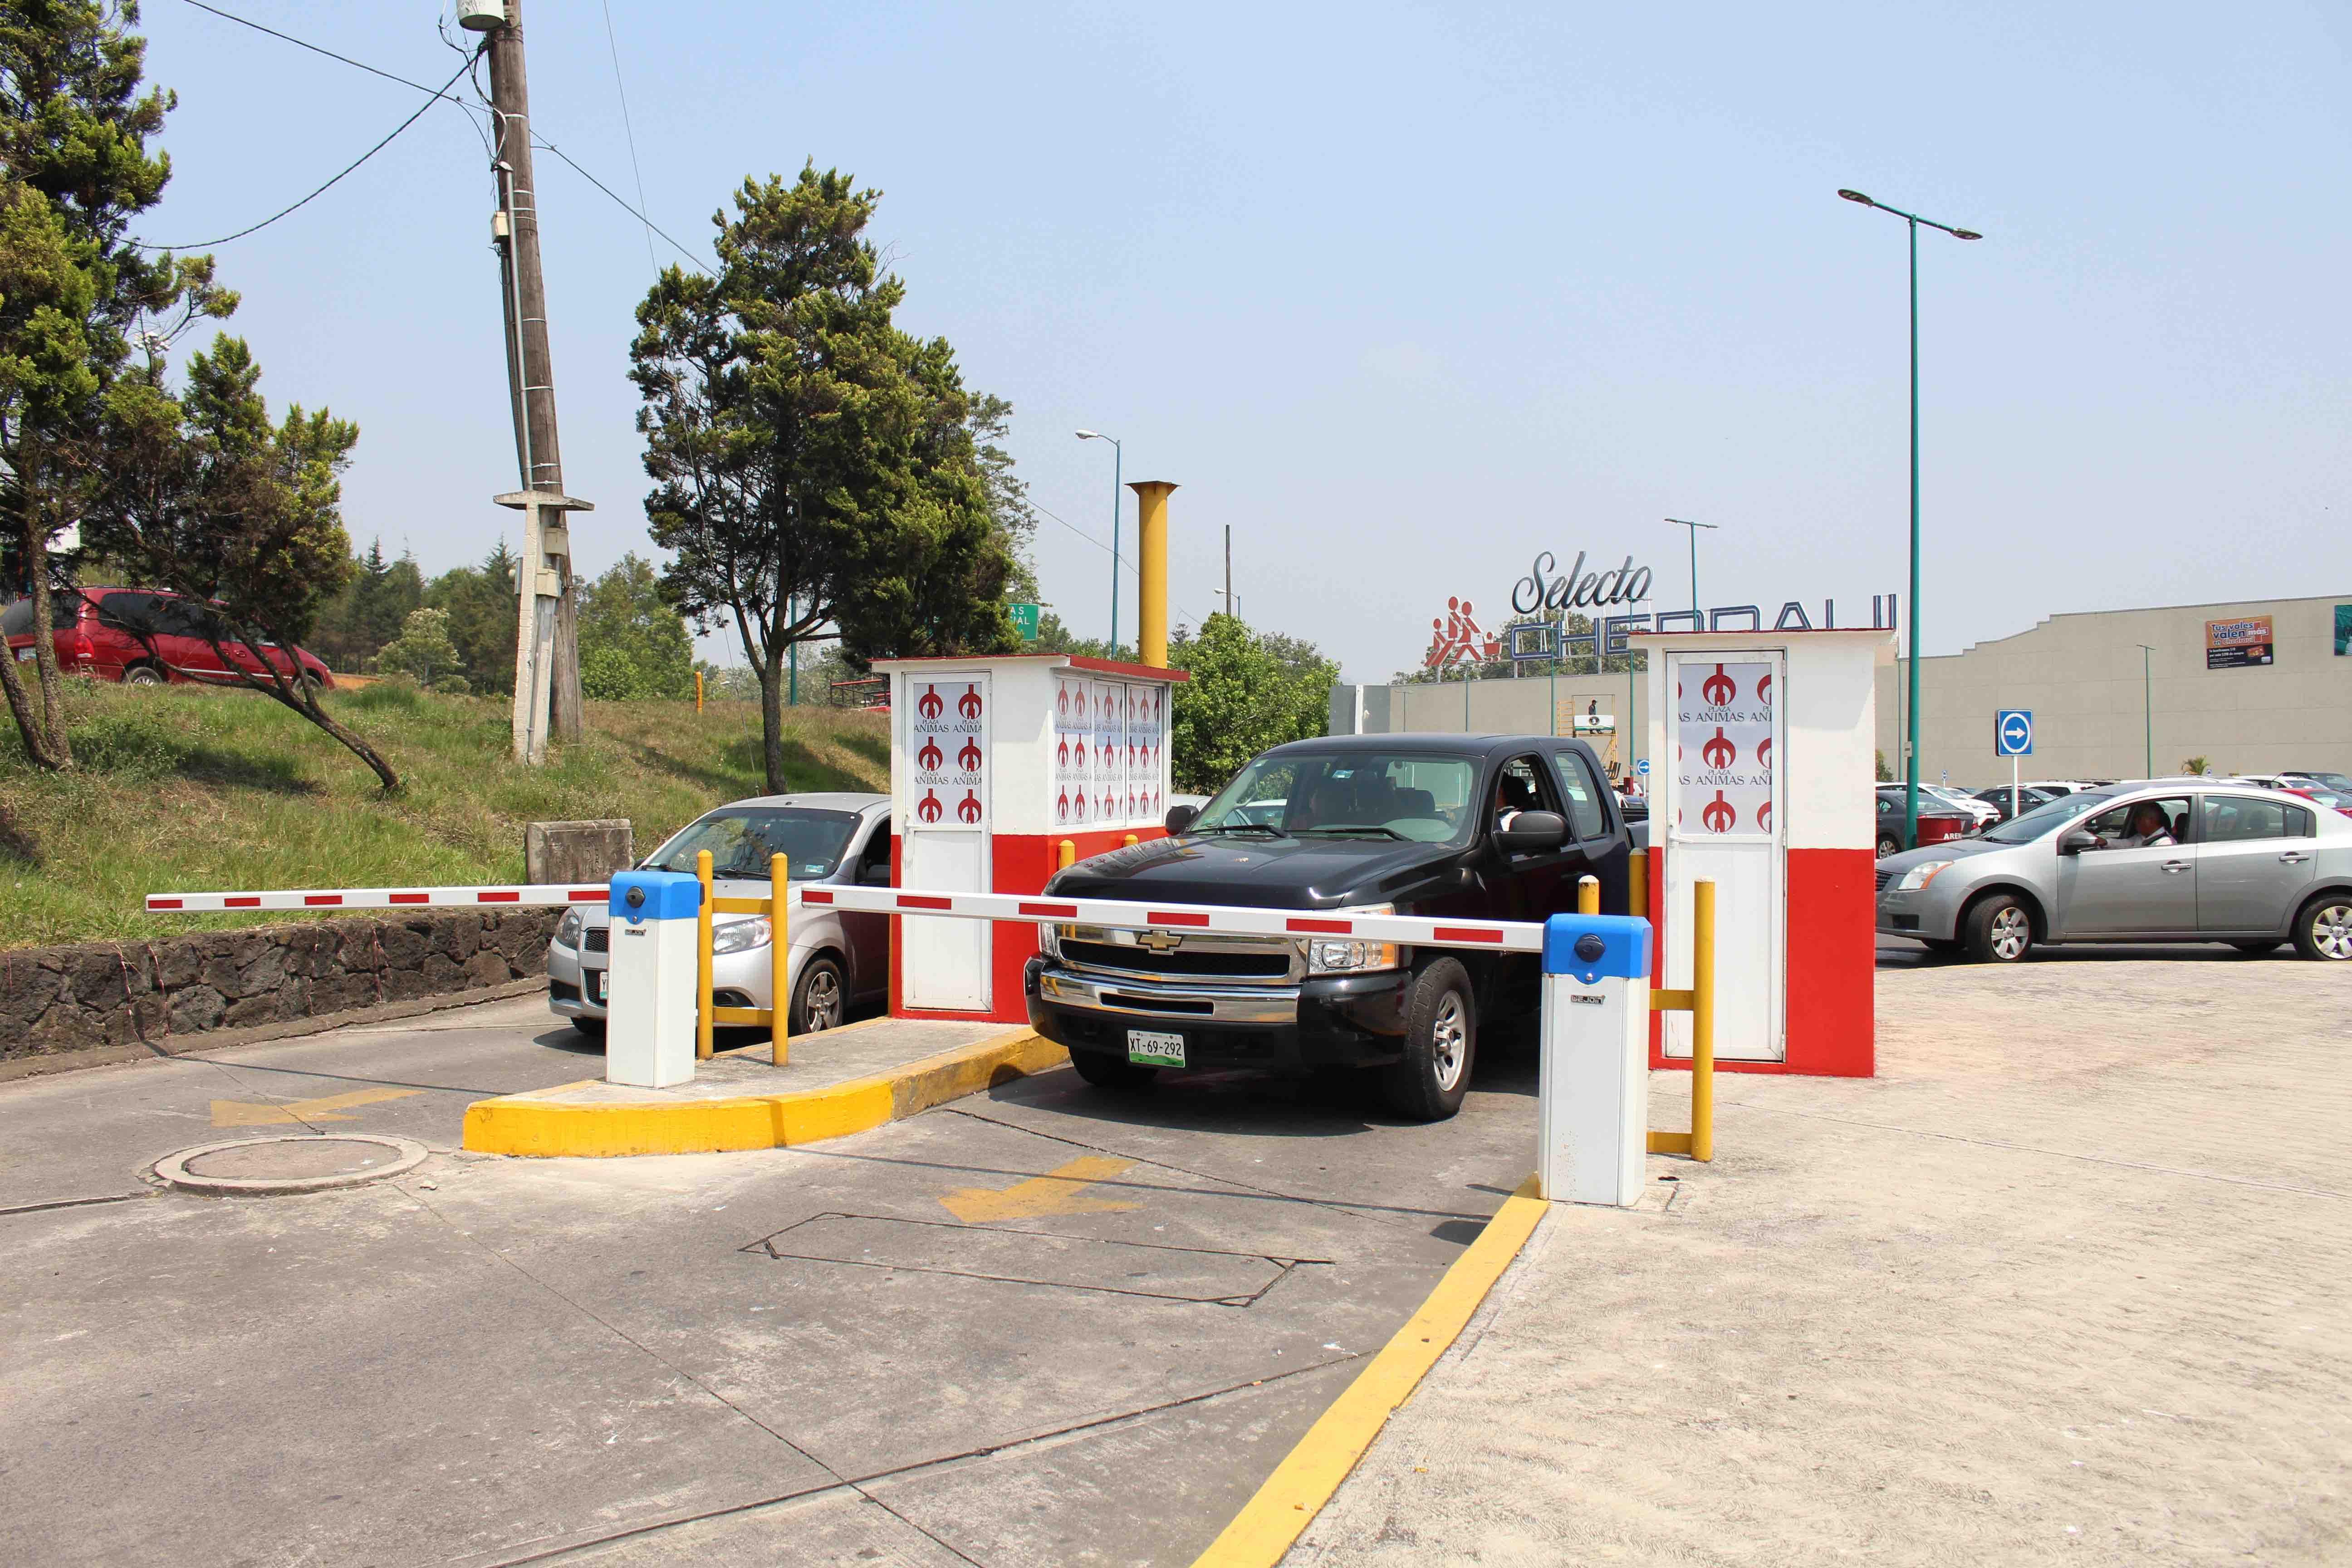 Por cobro de estacionamiento en Plaza Ánimas ayuntamiento inicia procedimiento administrativo